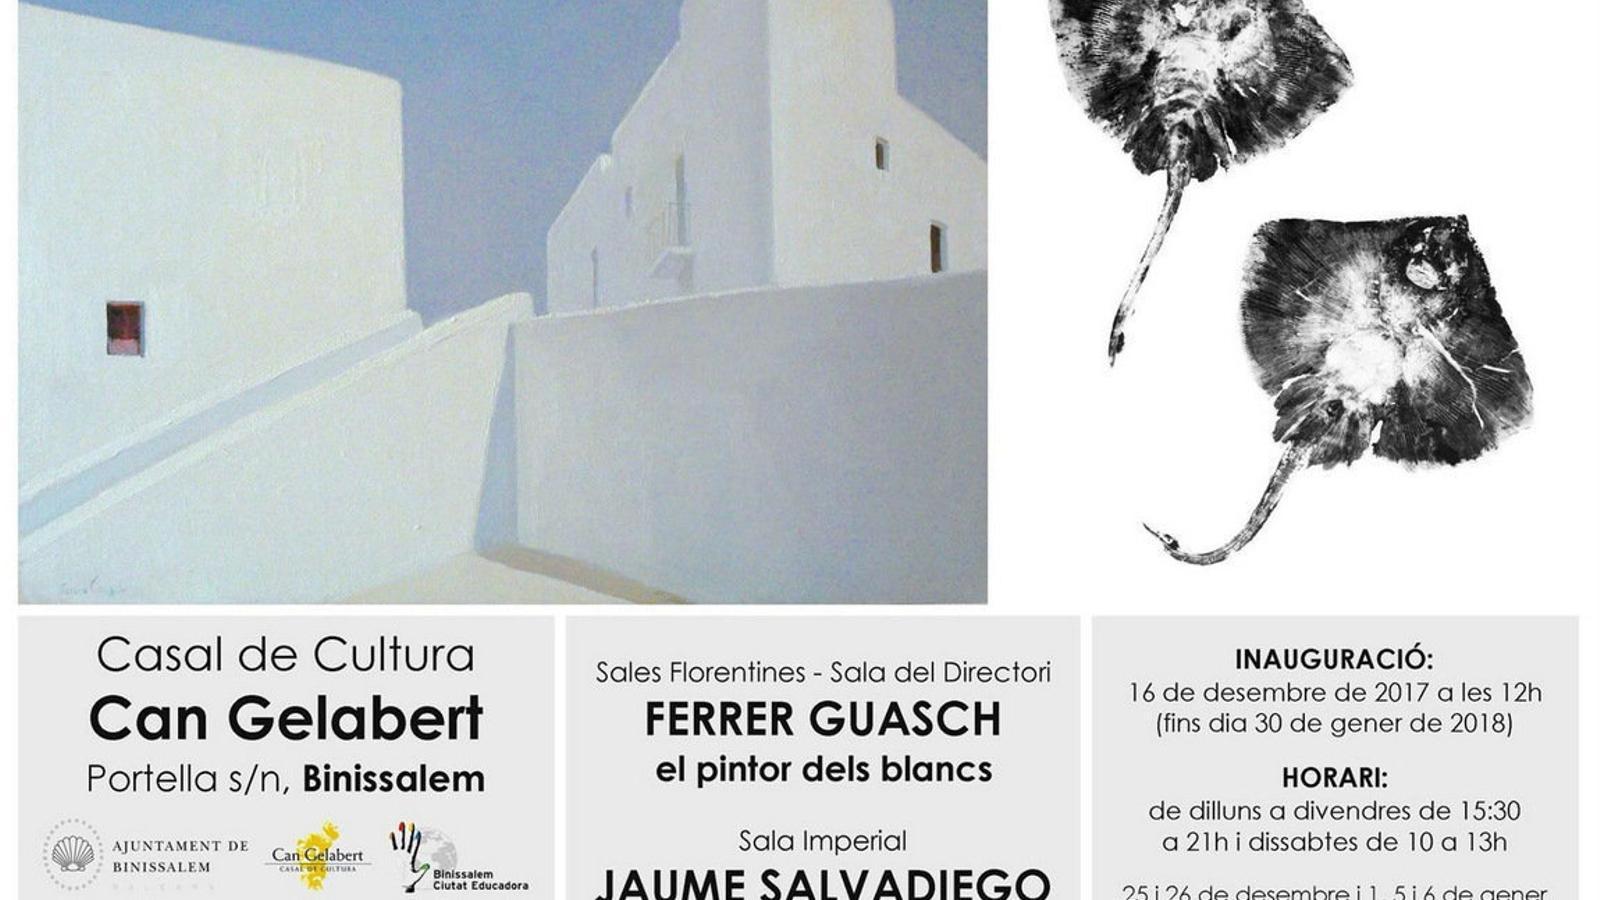 L'artista eivissenc Ferrer Guasch i alguna de les seves obres, amb el blanc com un dels protagonistes.